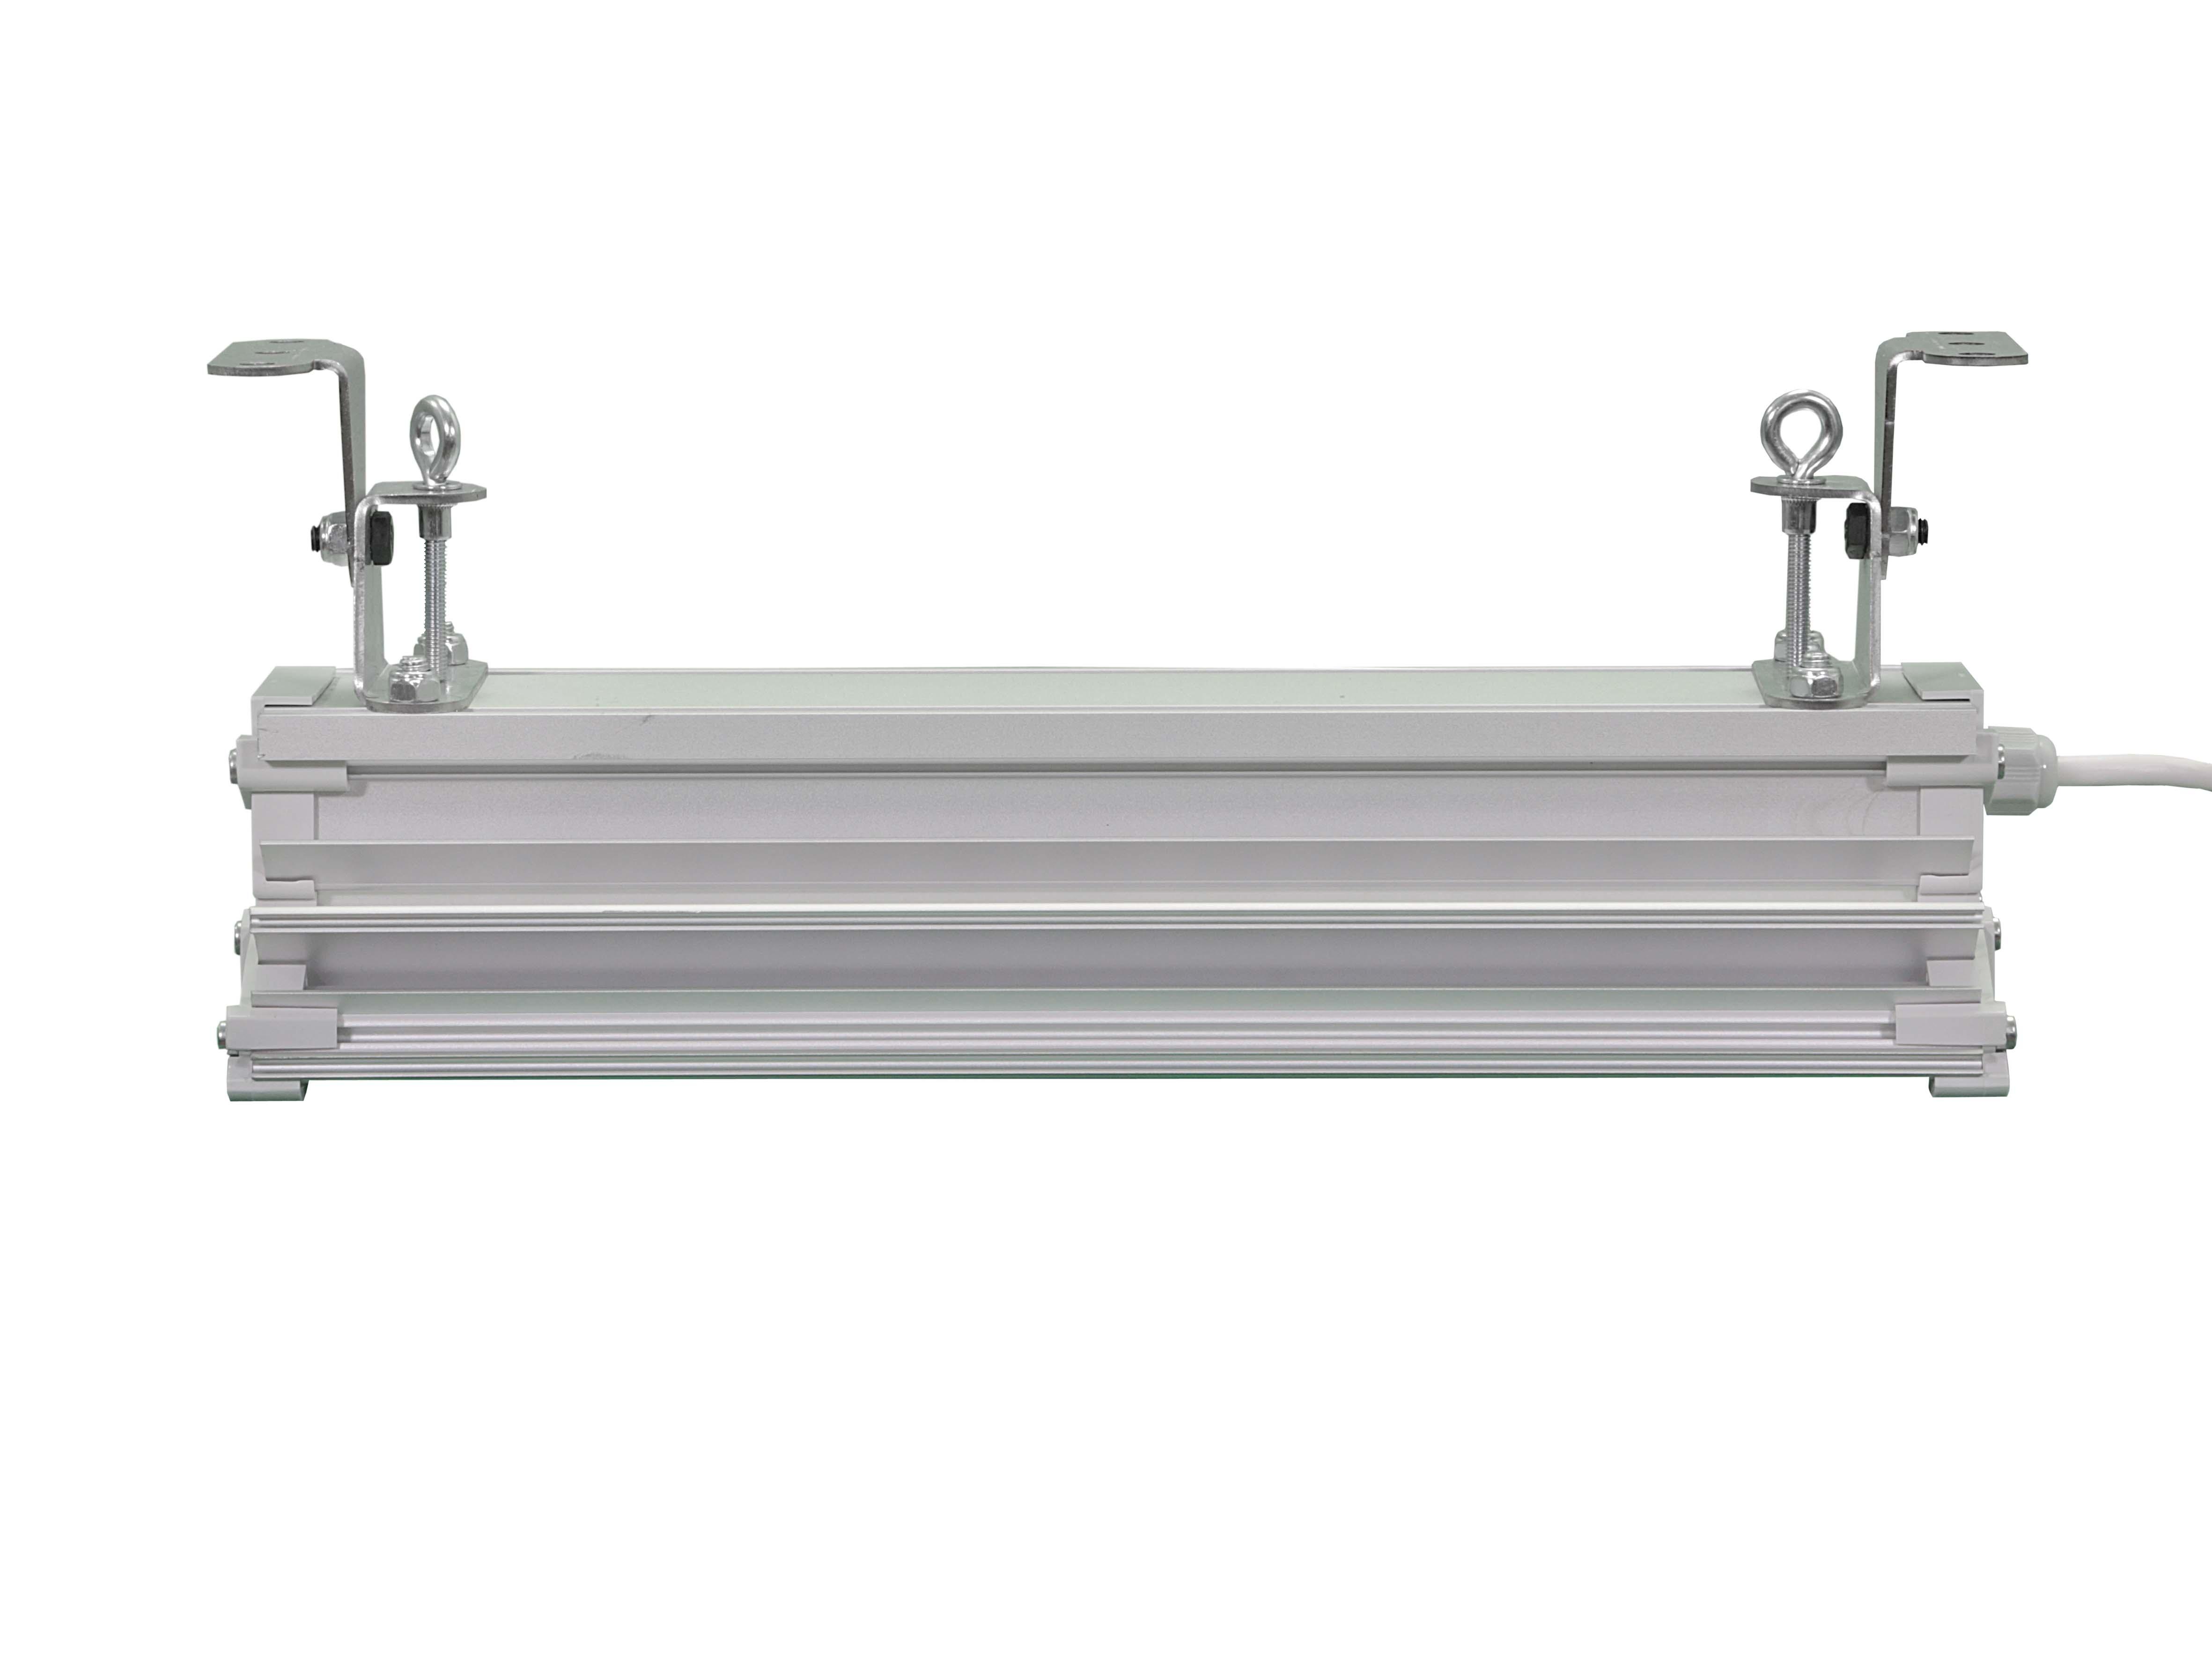 Промышленный светодиодный светильник ДСП Премиум-40 40Вт 5304Лм